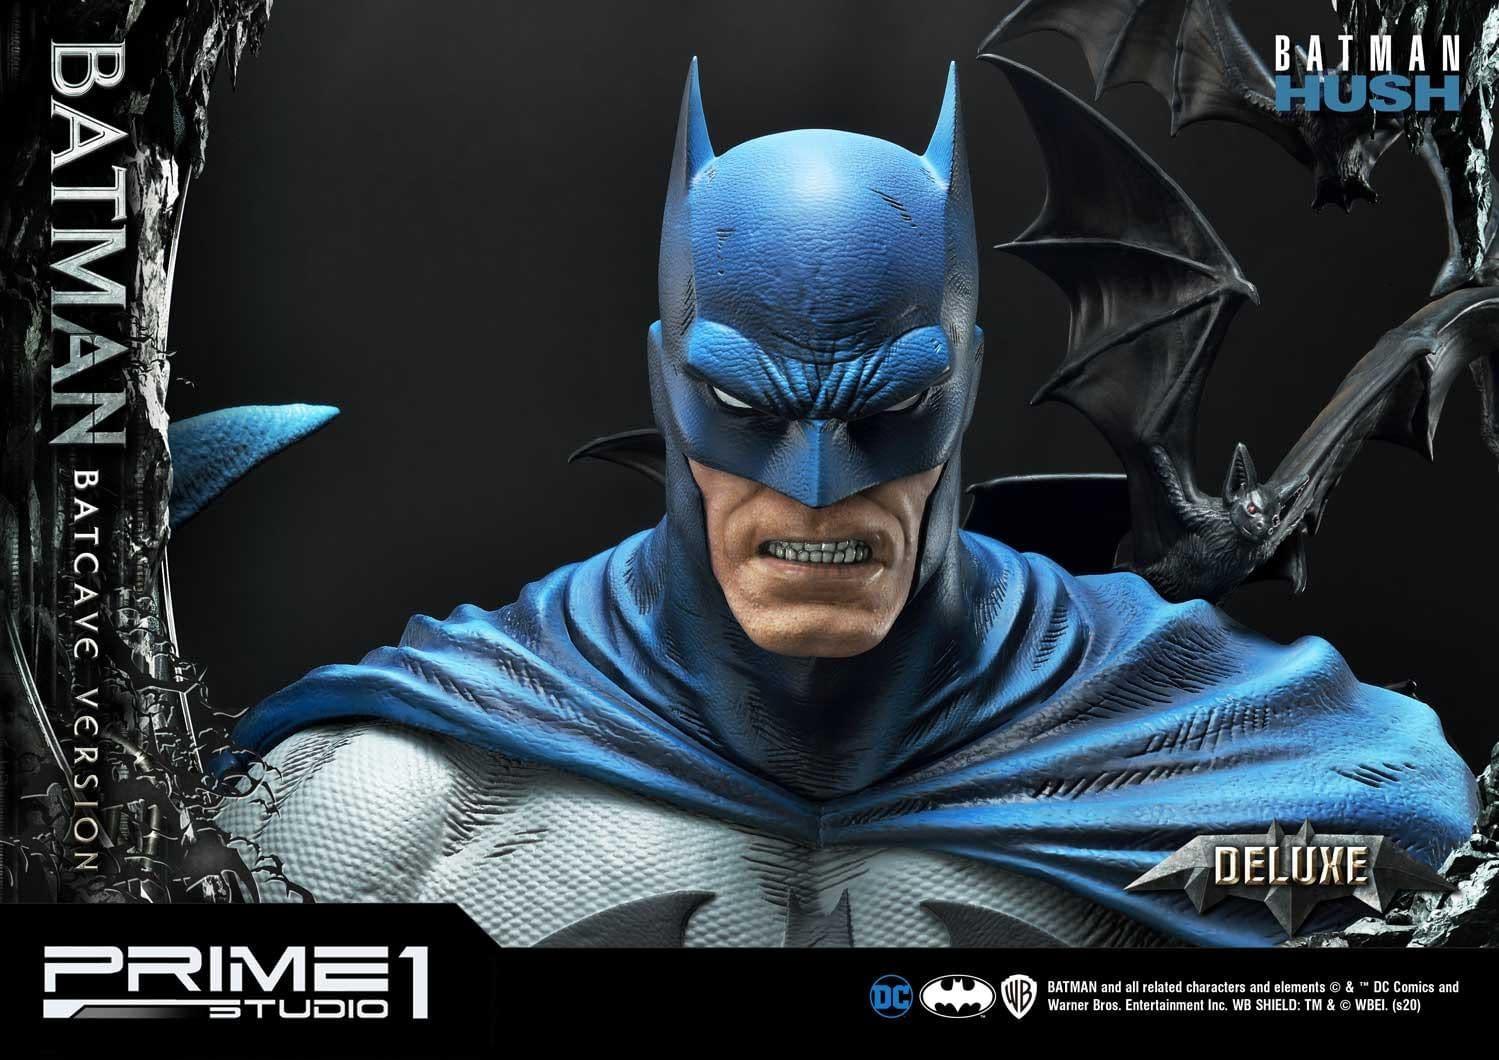 Prime-1-Batman-Batcave-Version-DX-008